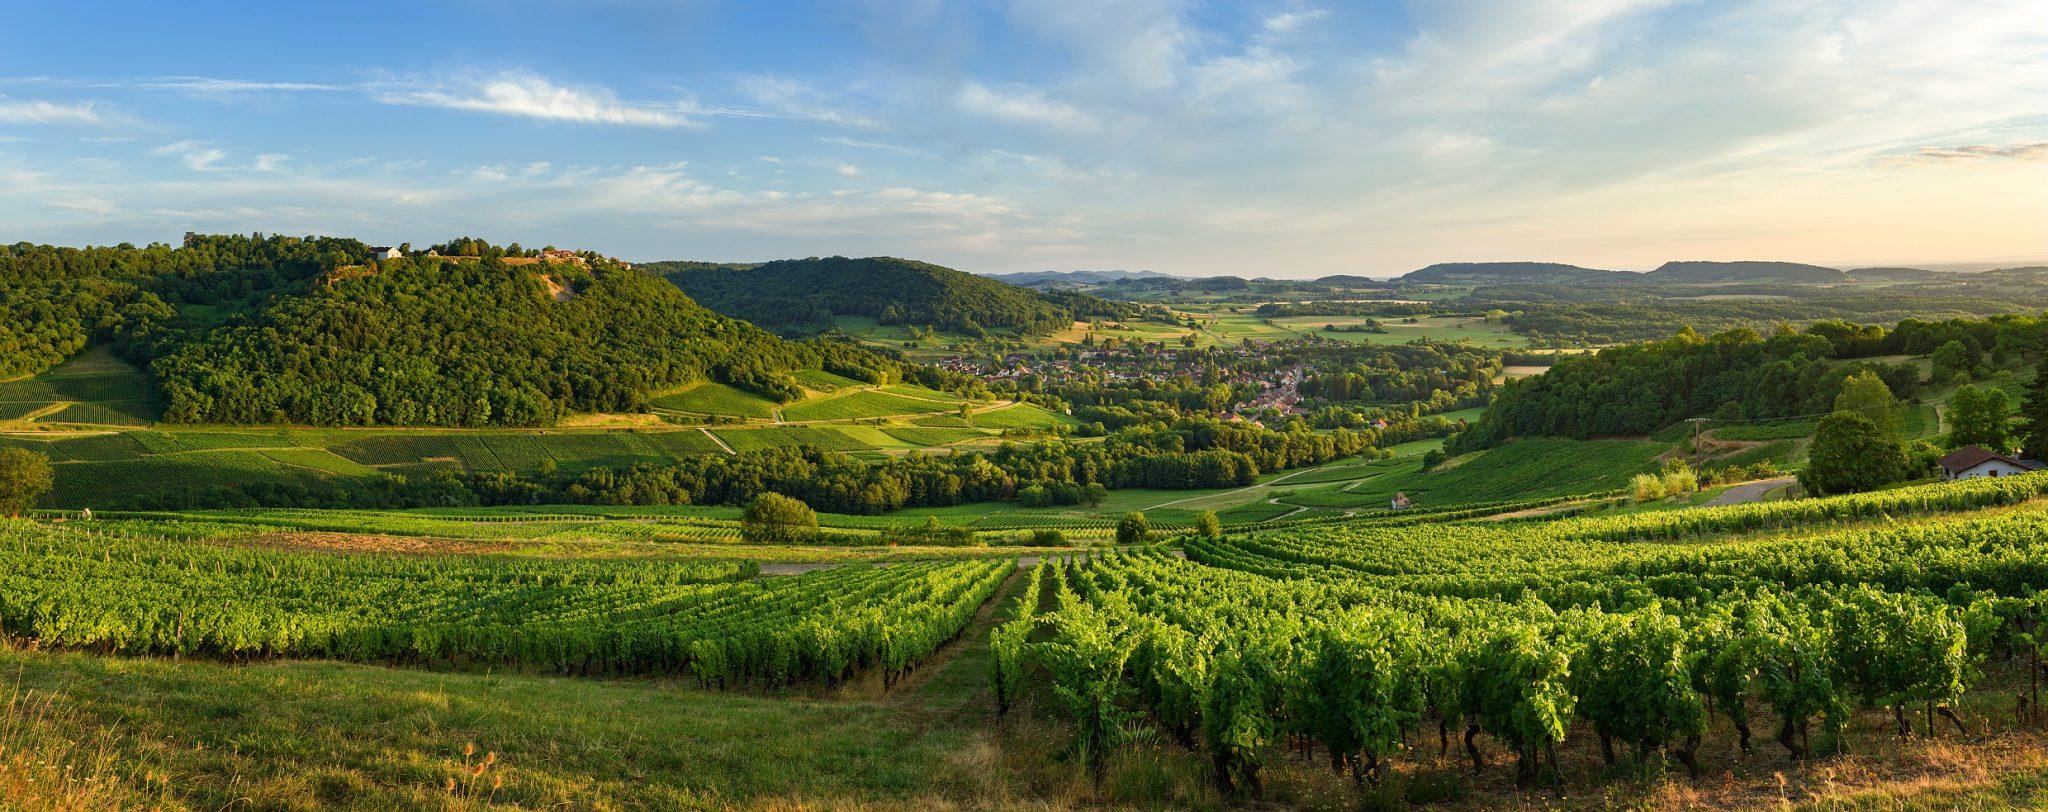 L'oenotourisme, l'autre manière de rencontrer les Vins du Jura à Château-Chalon